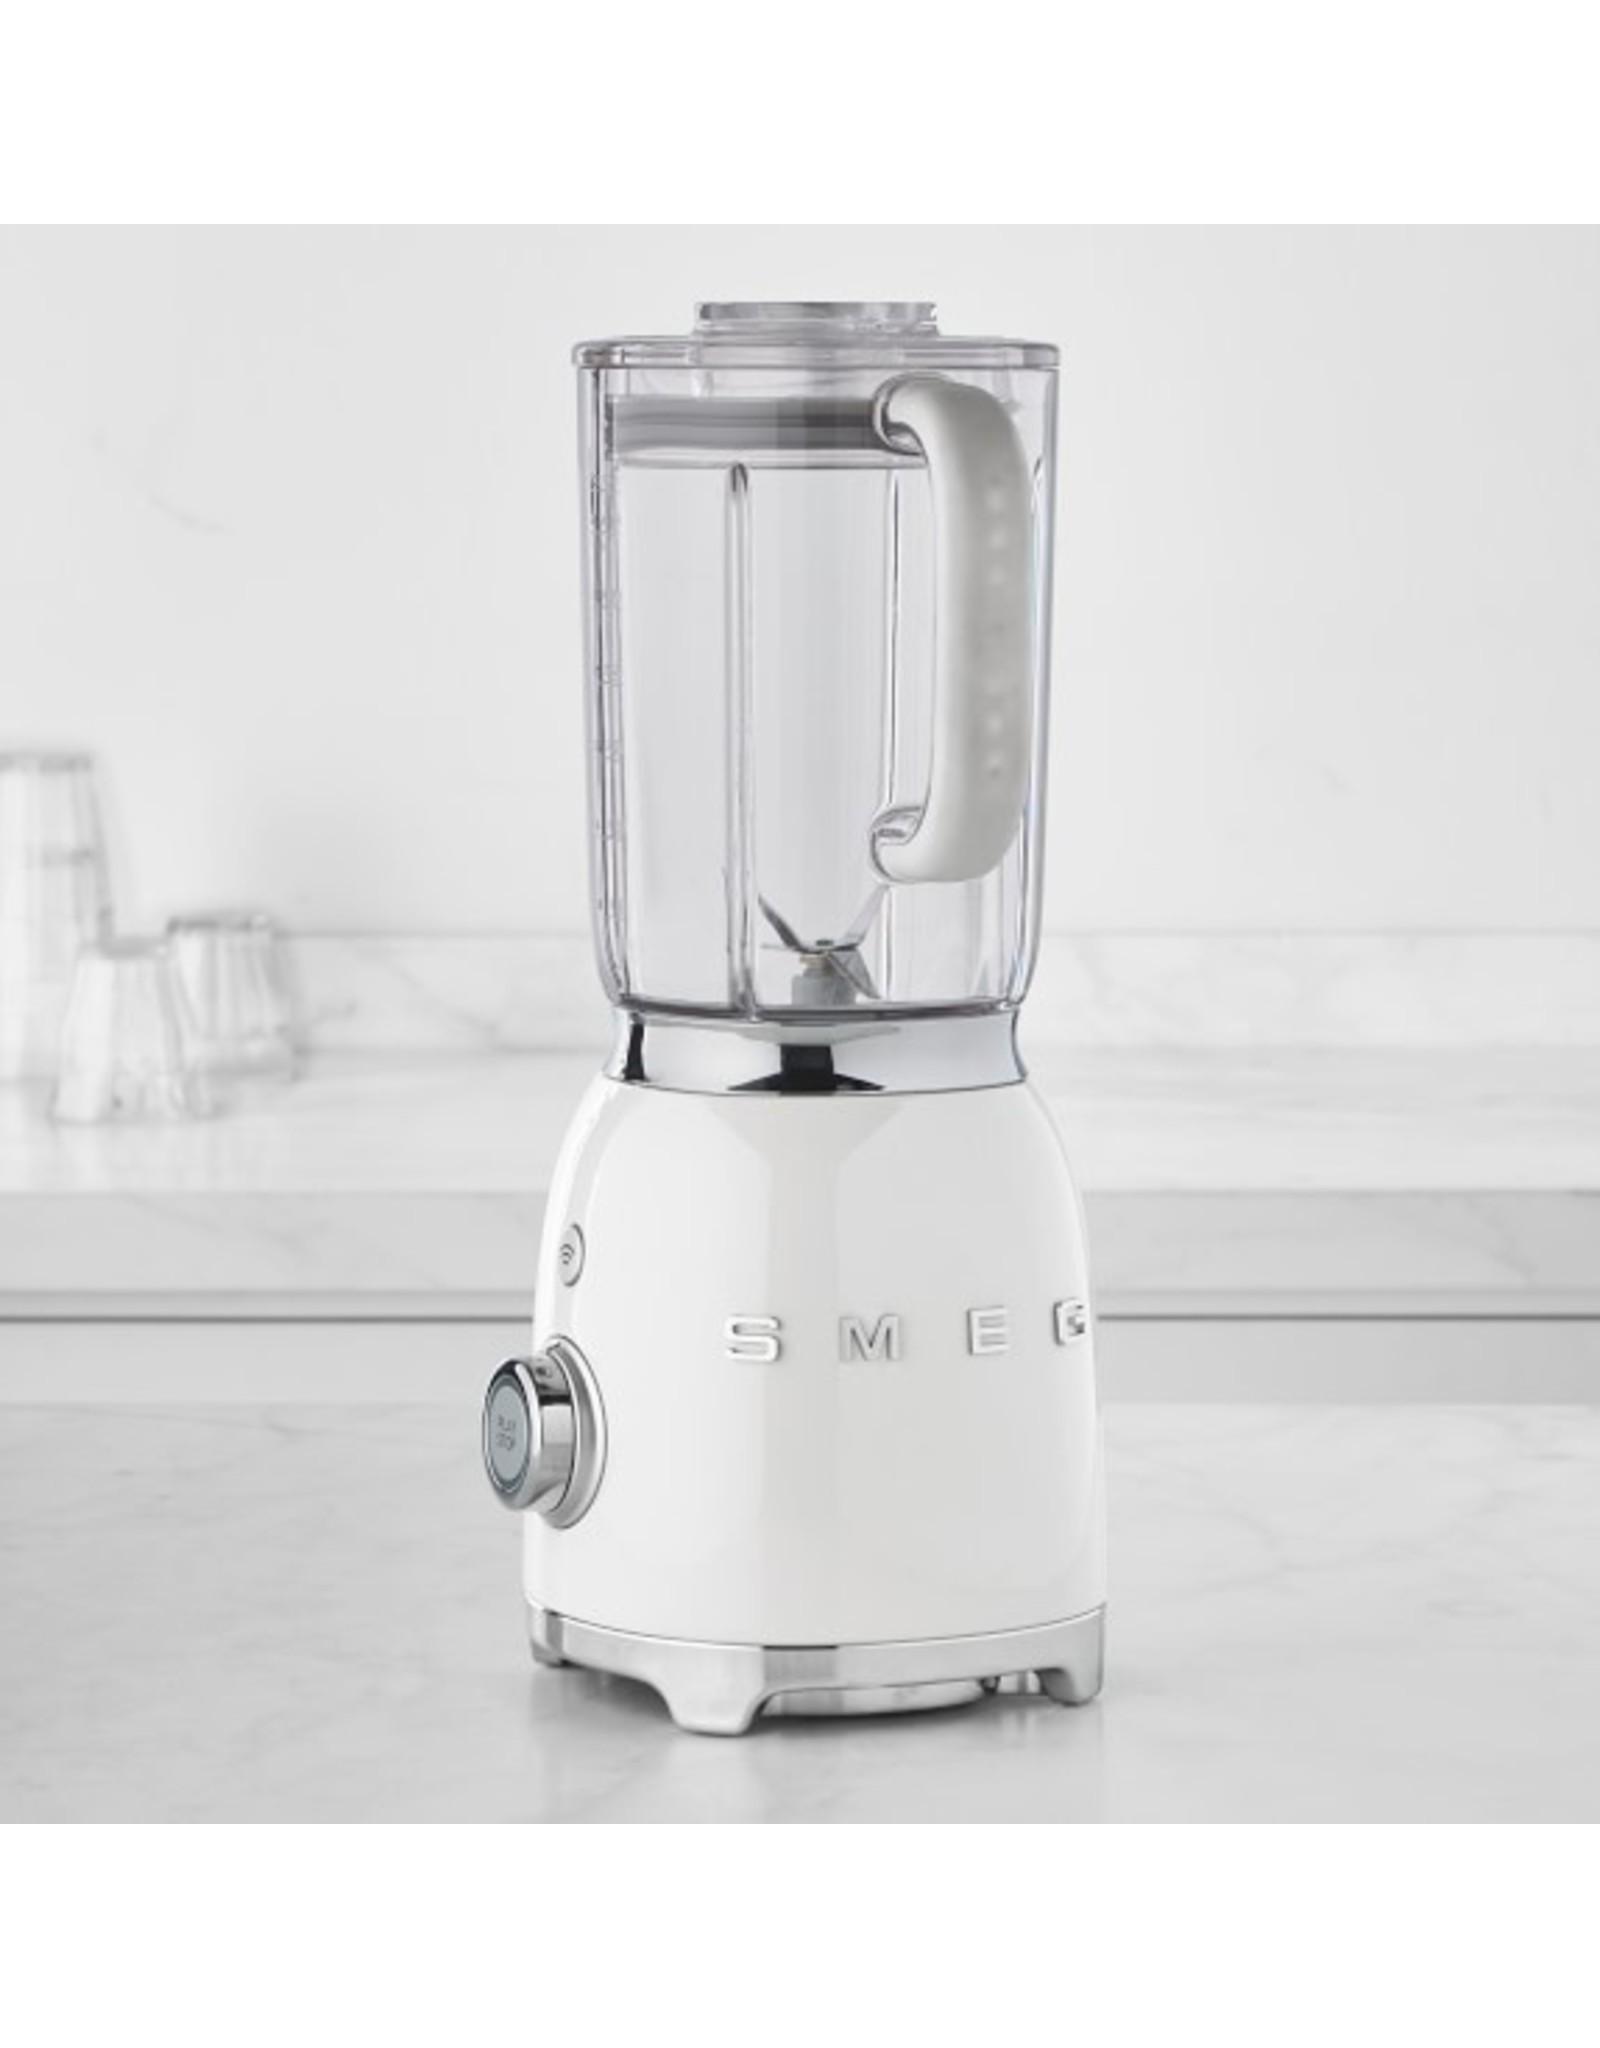 Smeg SMEG Blender White